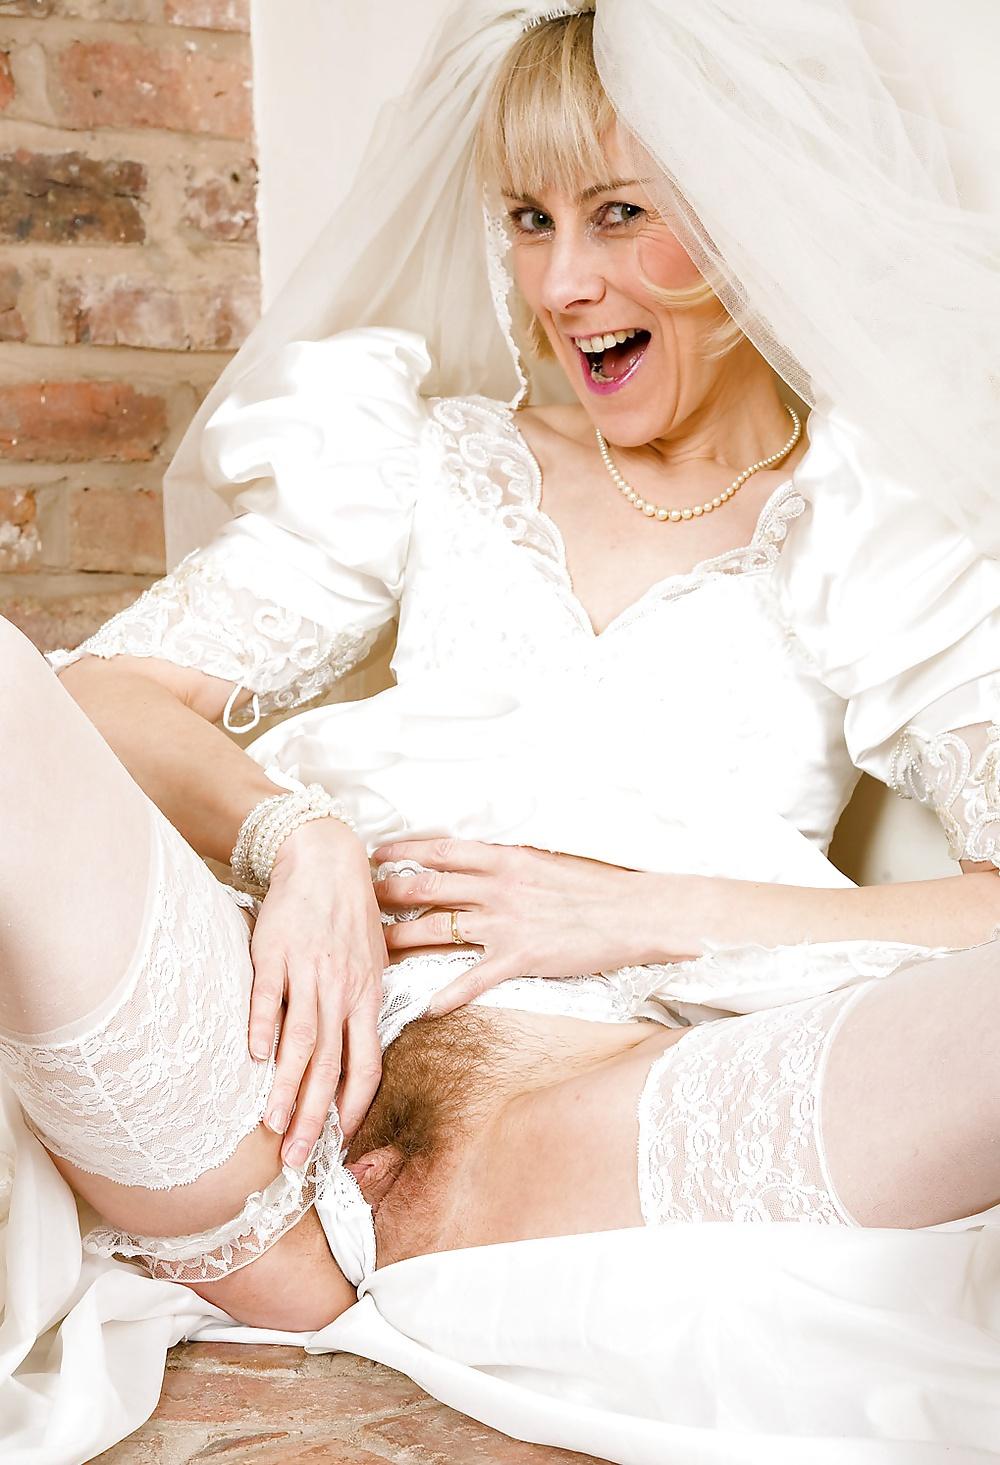 у невесты под платьем лижут пизду все гости - 3